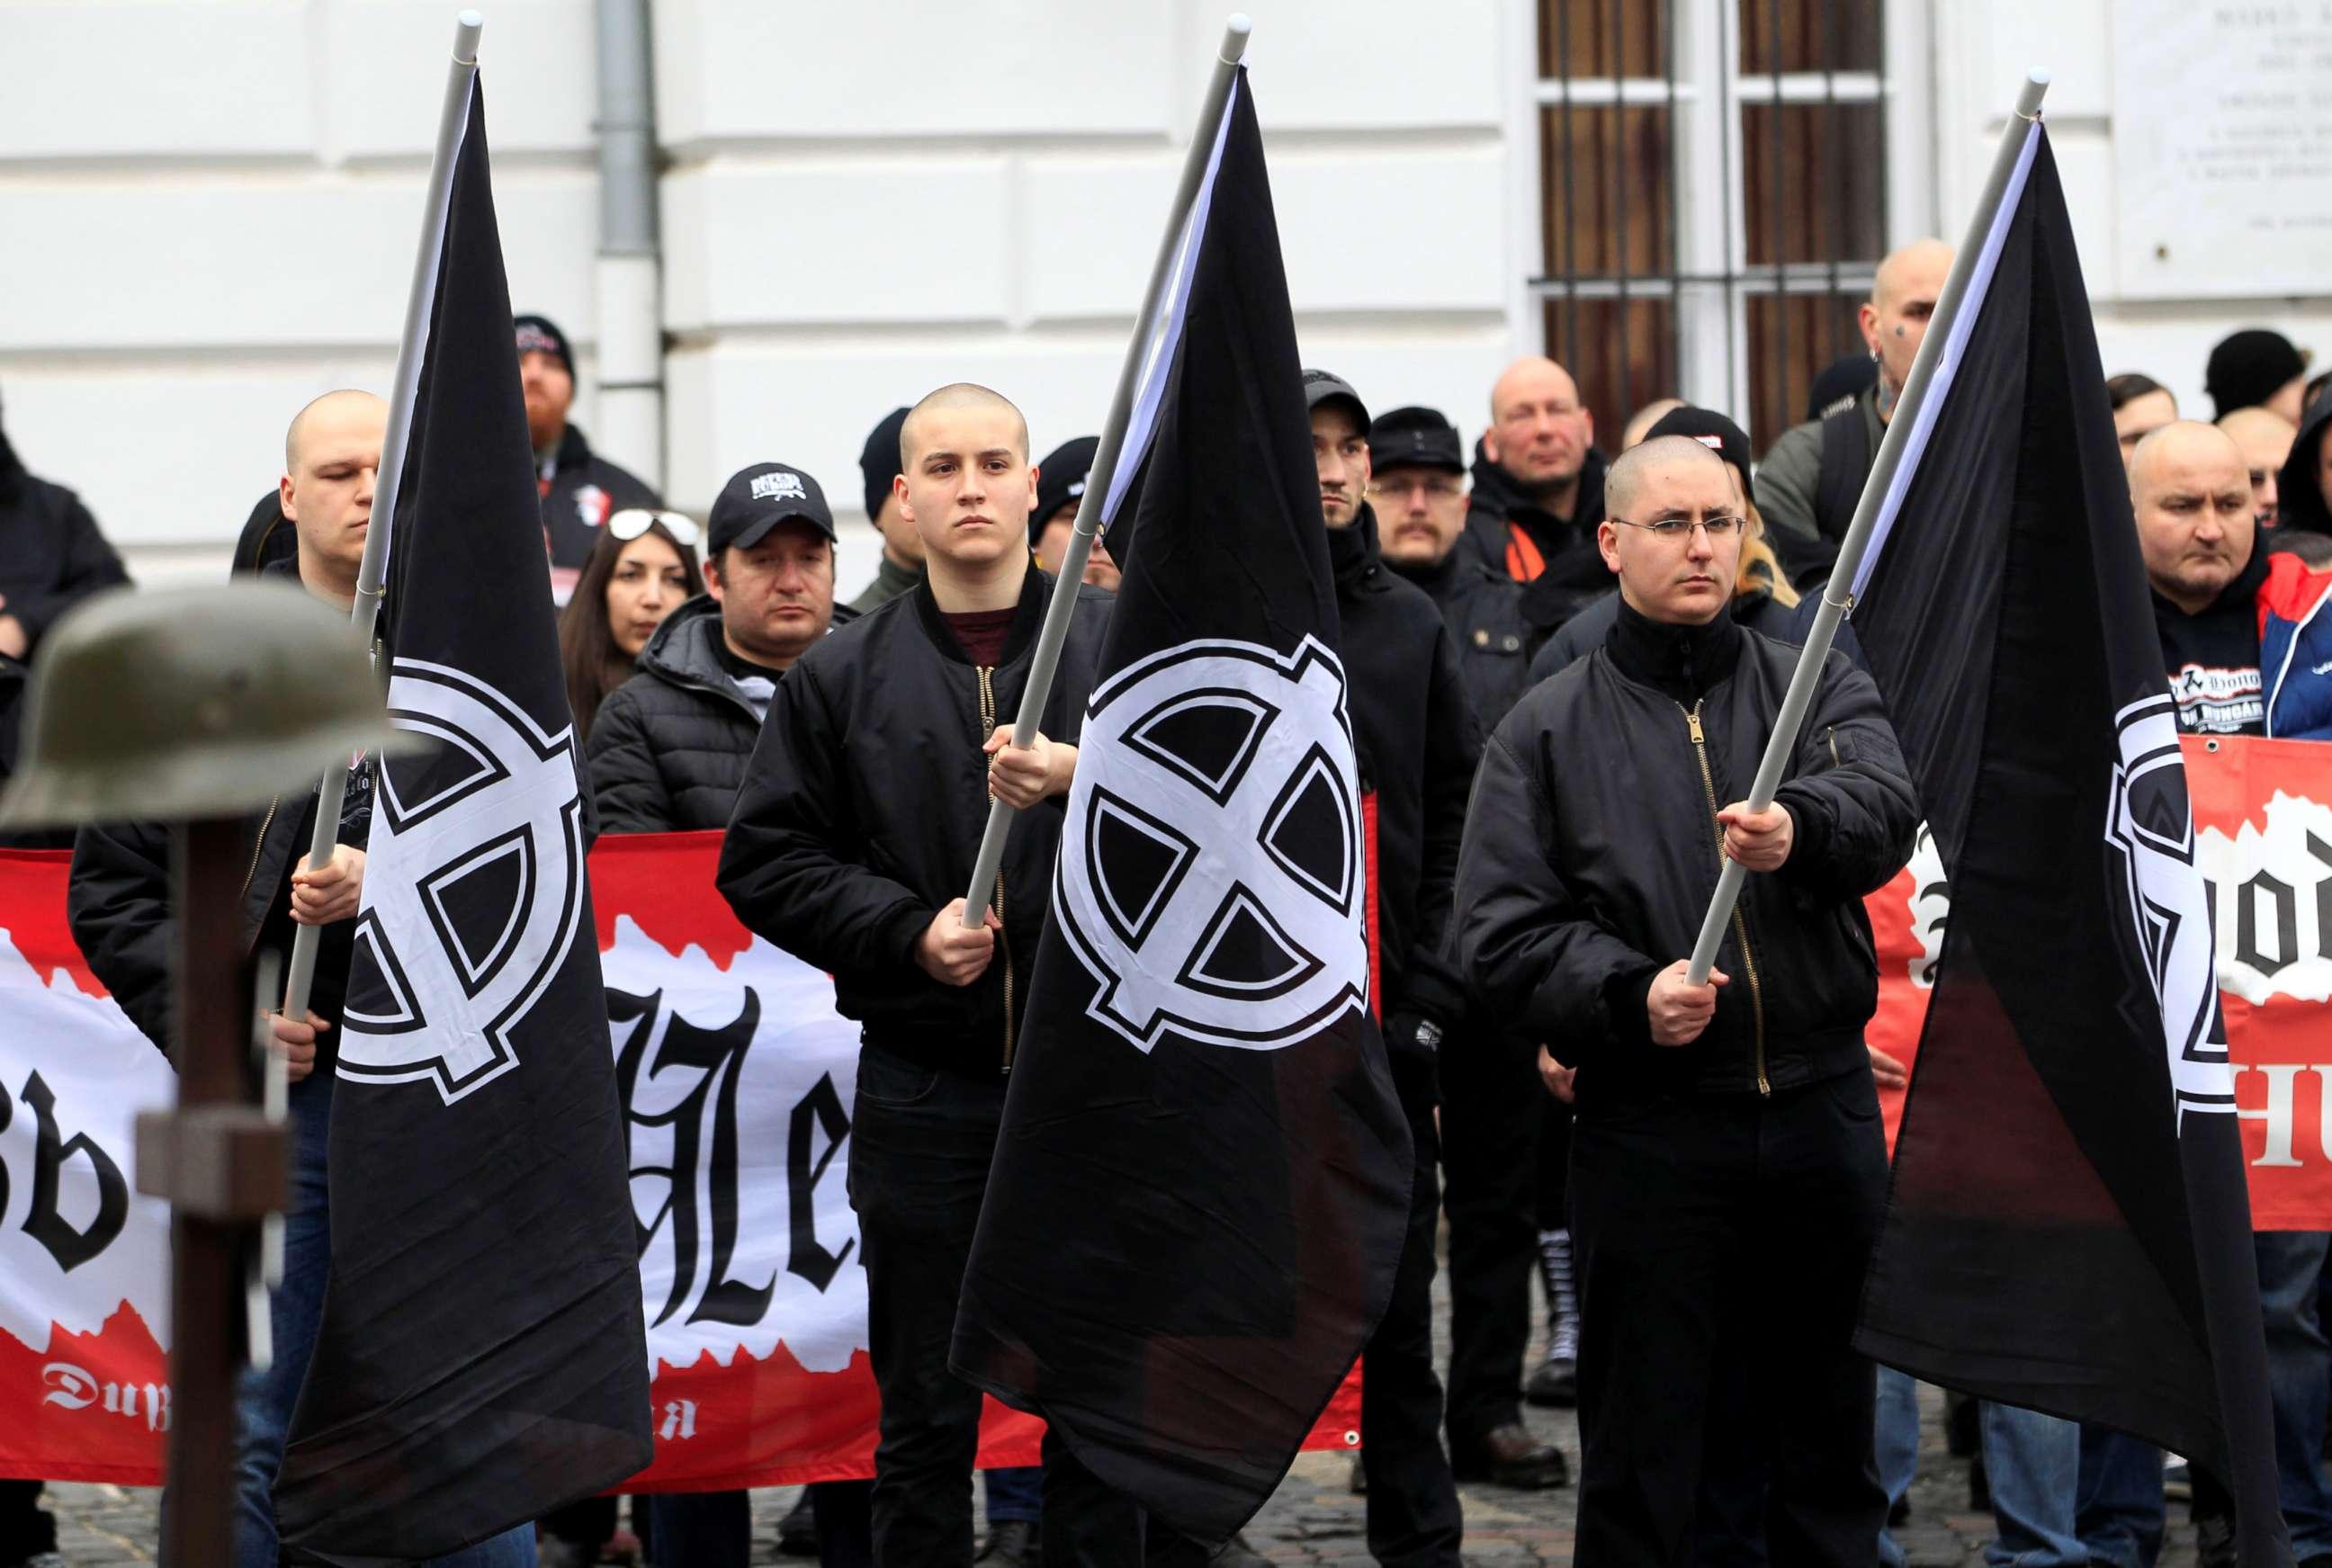 Anti-Semitism: Neo-Nazism